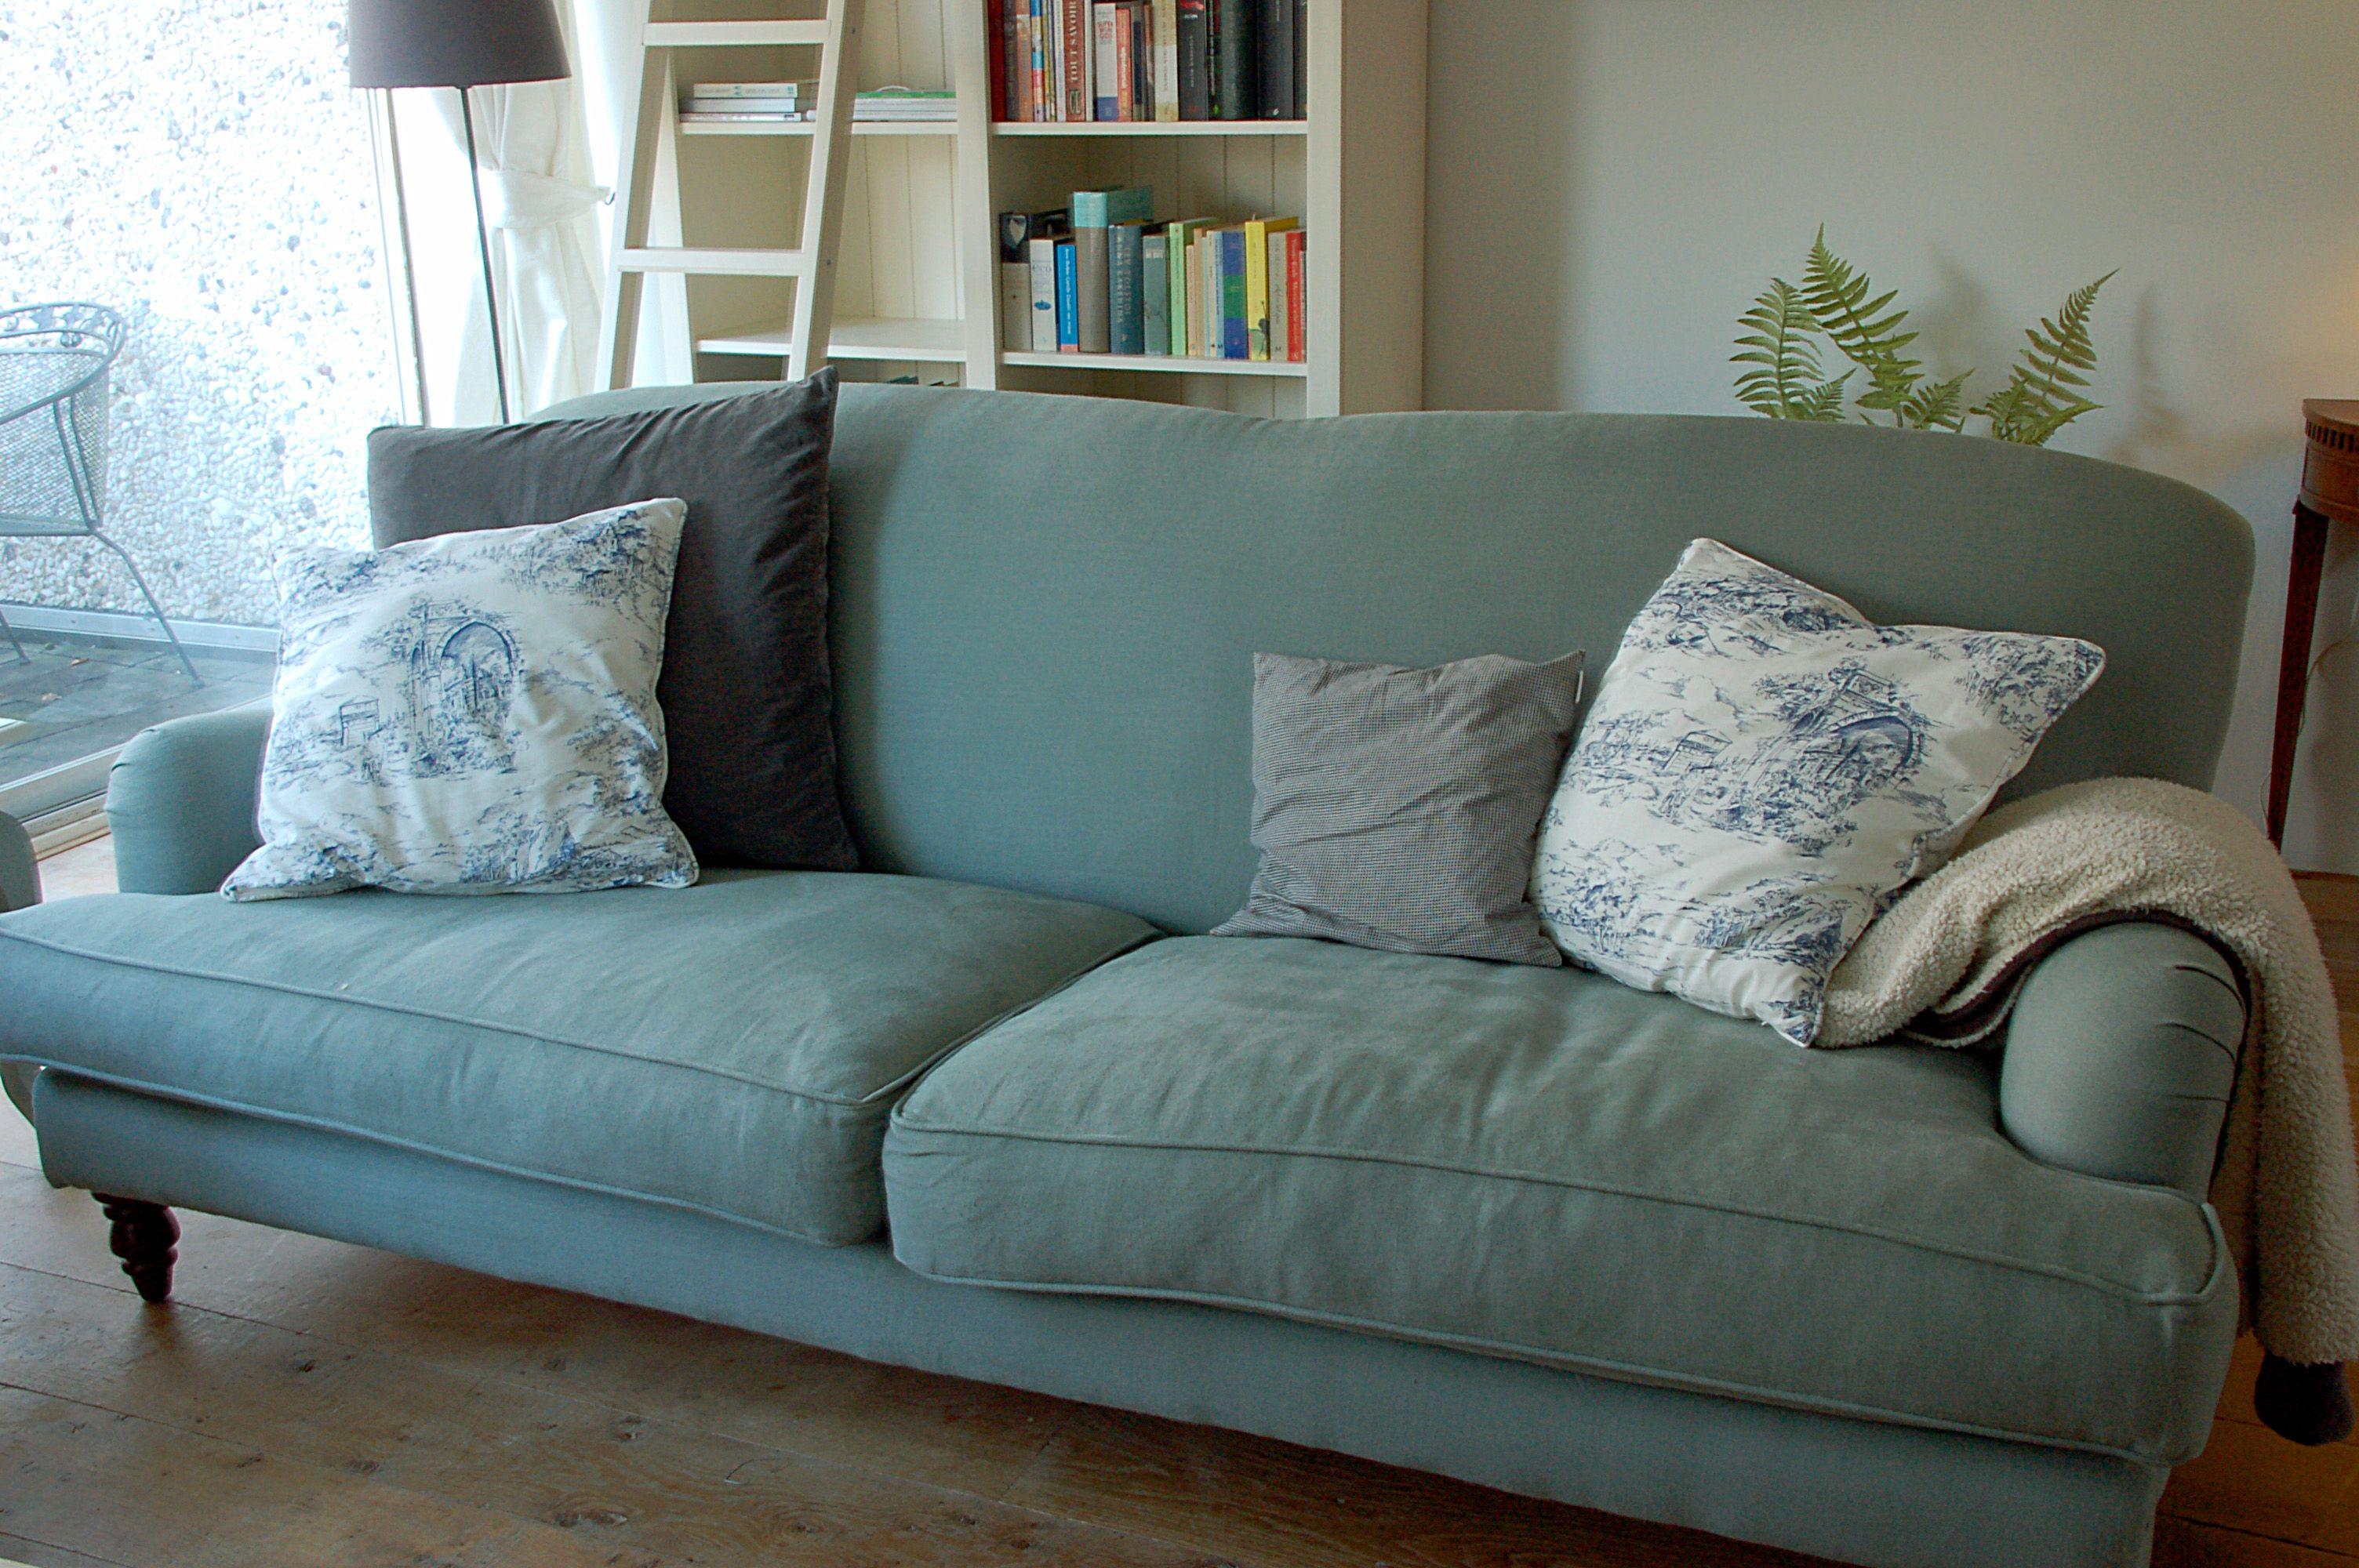 Snowdrop Duck Egg Sofa Com Duck Egg Living Room Funky Home Decor Interior